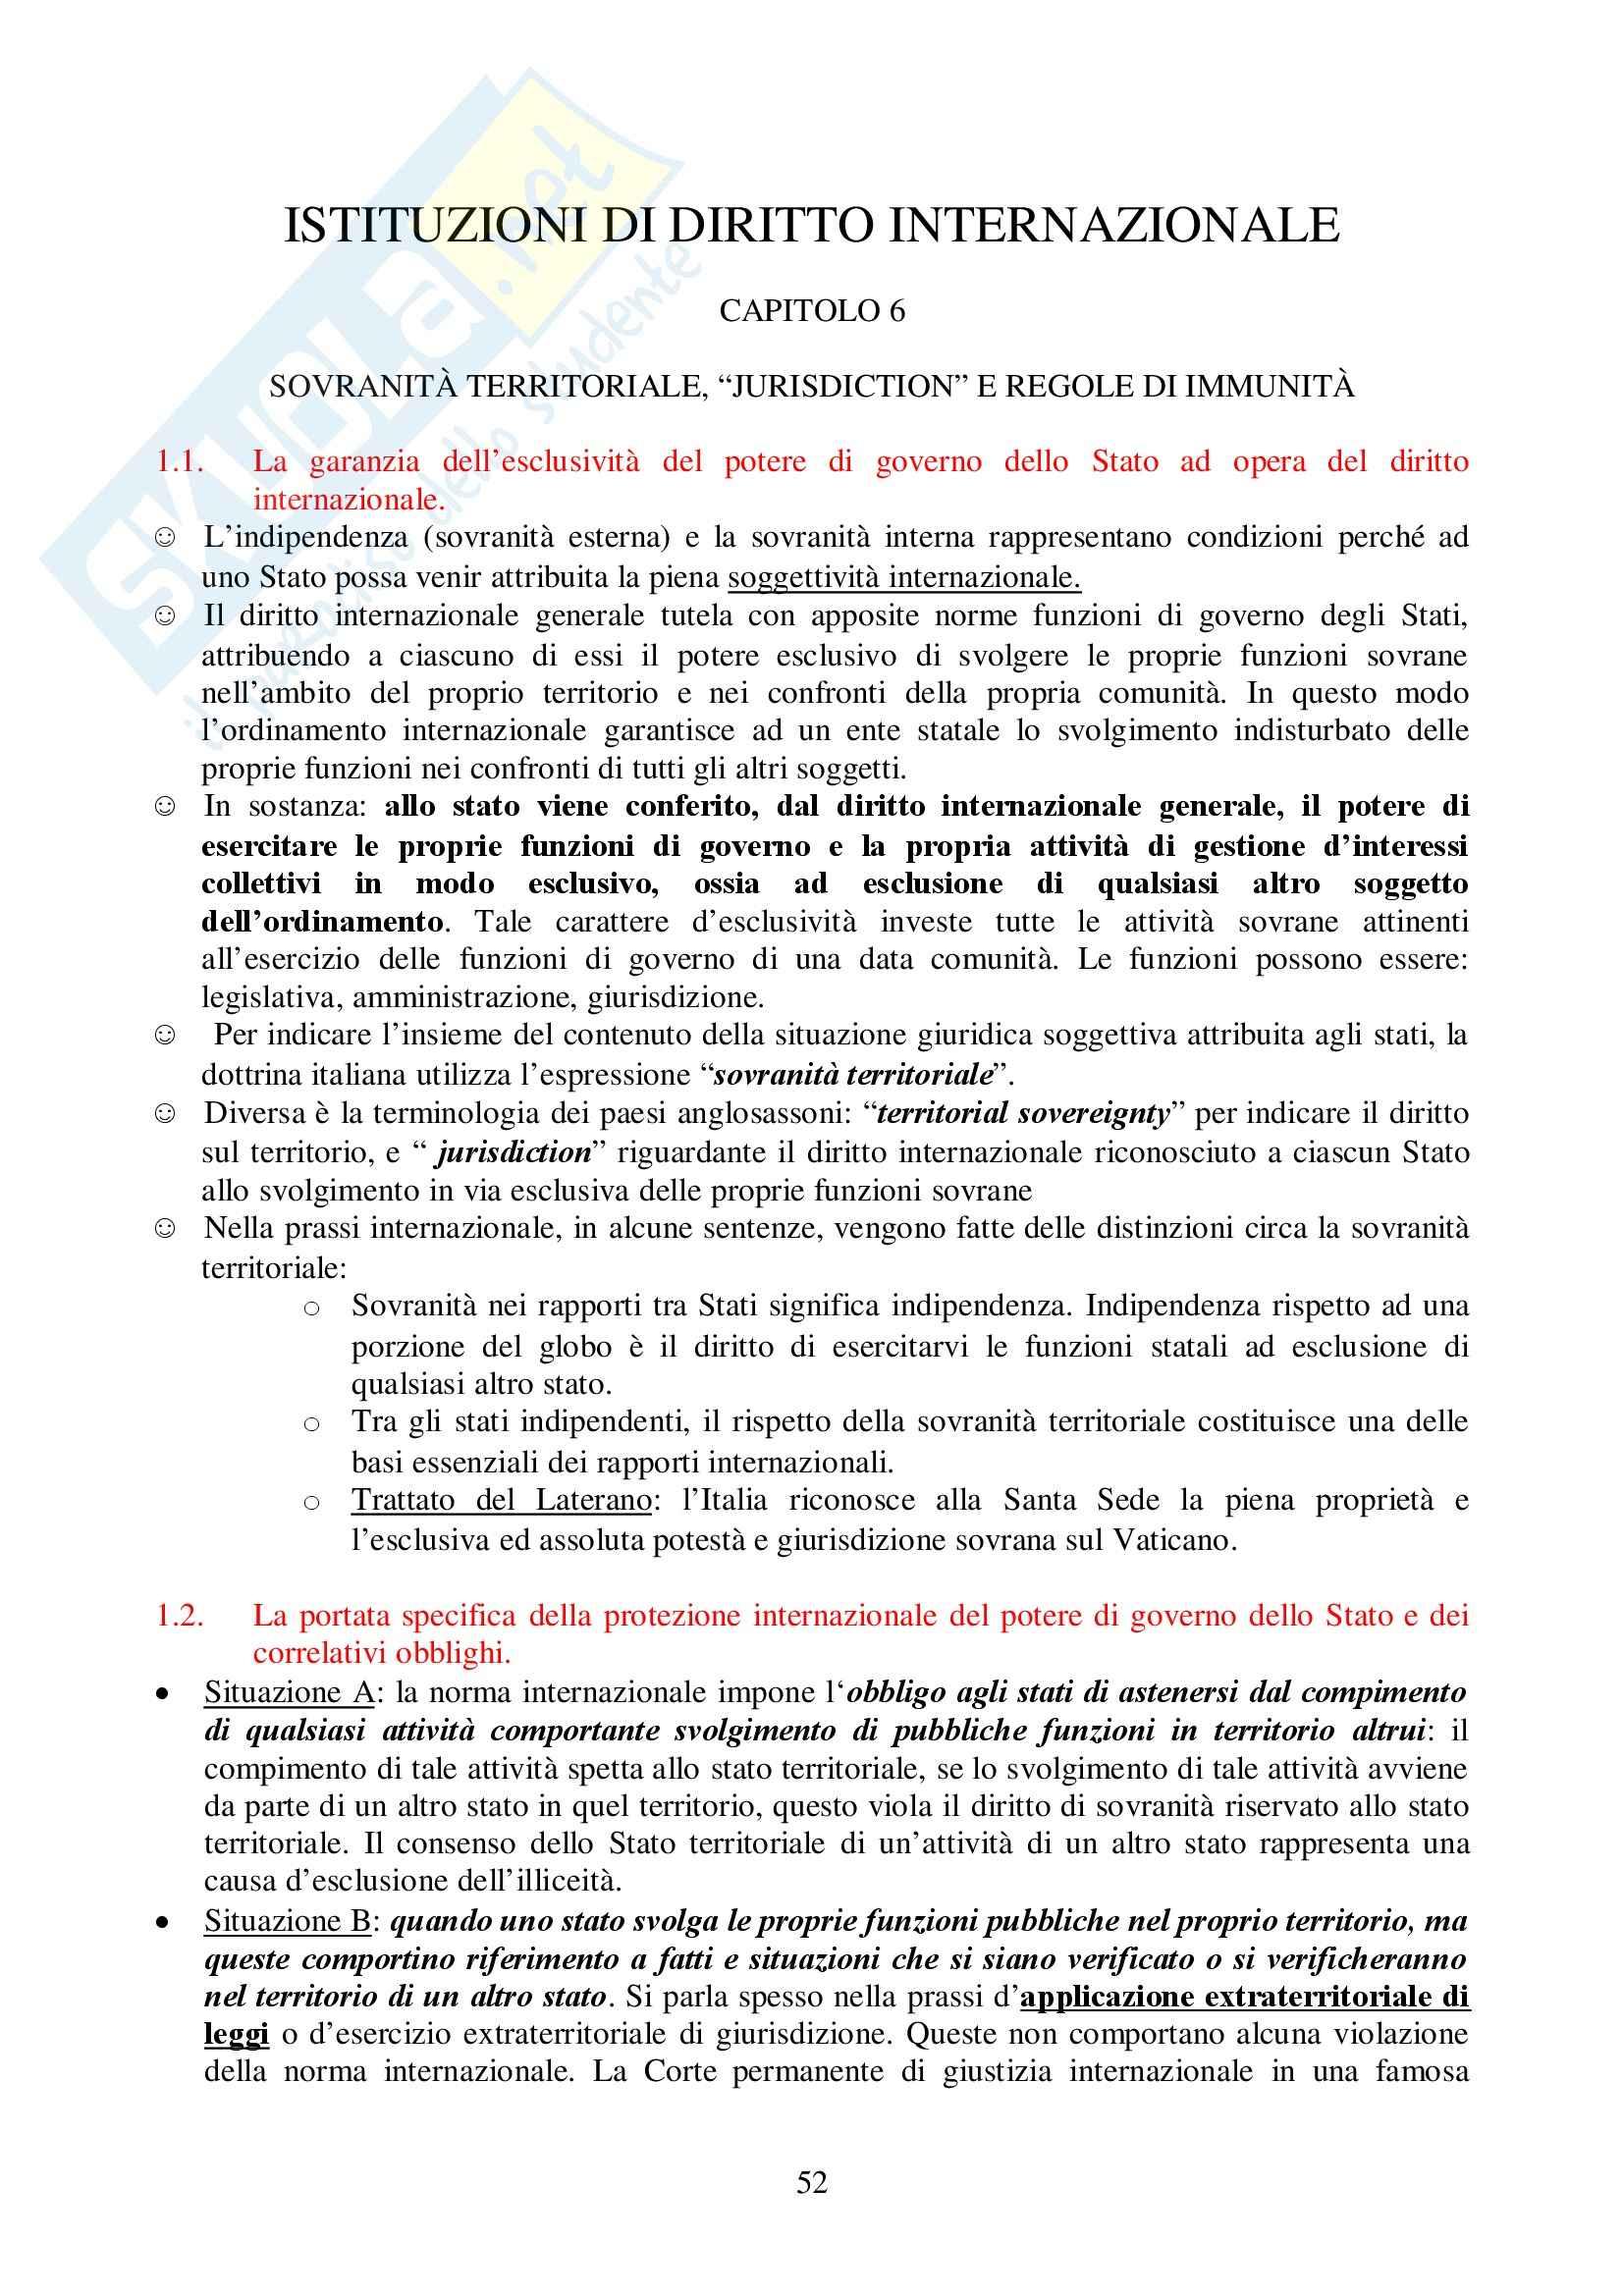 Diritto internazionale - Carbone - Appunti